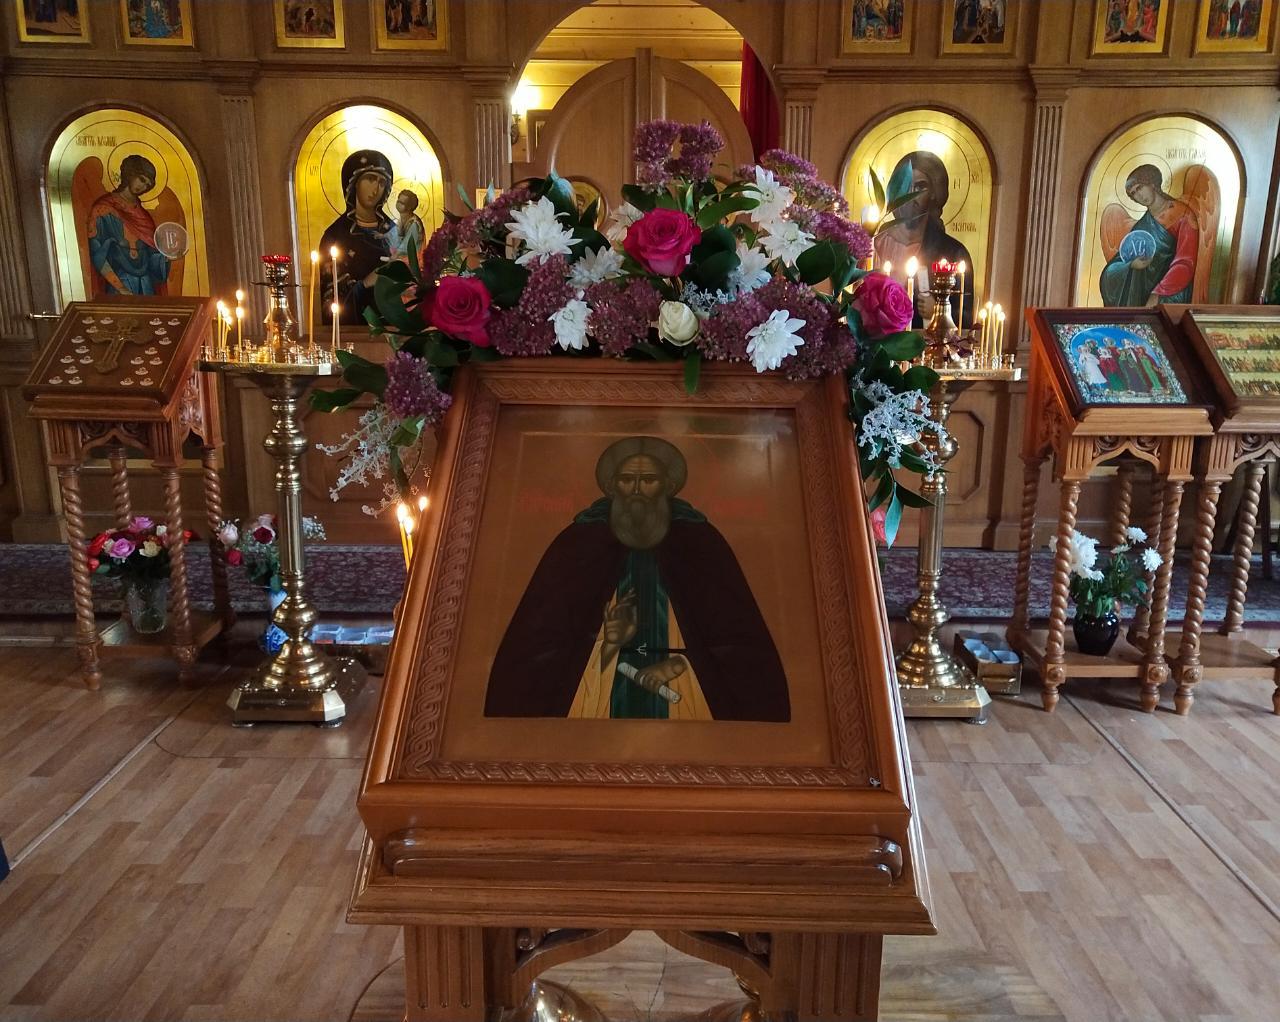 8 октября - день памяти преподобного Сергия Радонежского